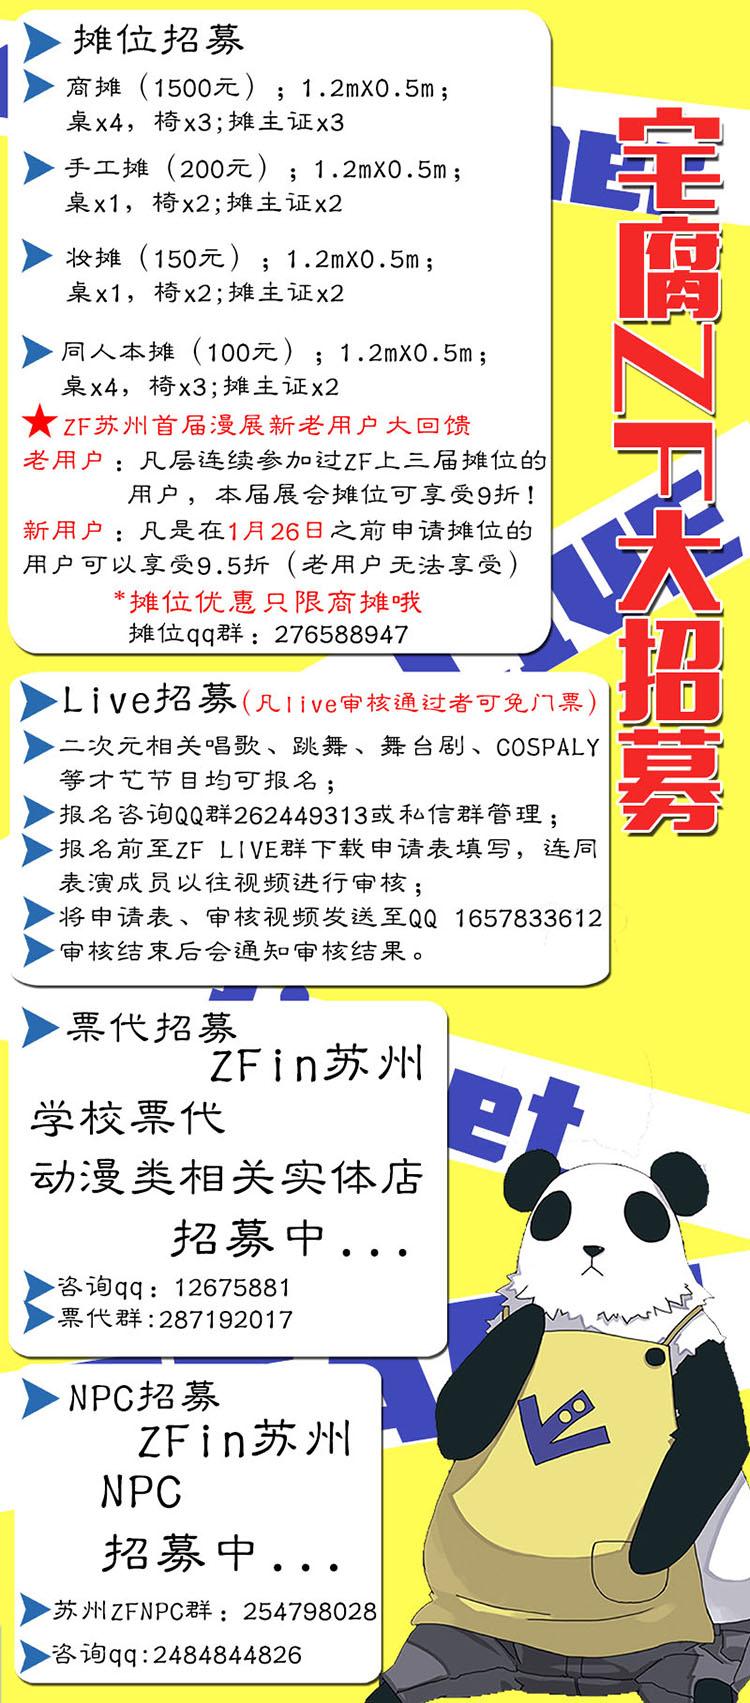 17 无限宅腐动漫游戏嘉年华——ZFin苏州1.0 217&银发娘和你一起极乐净土